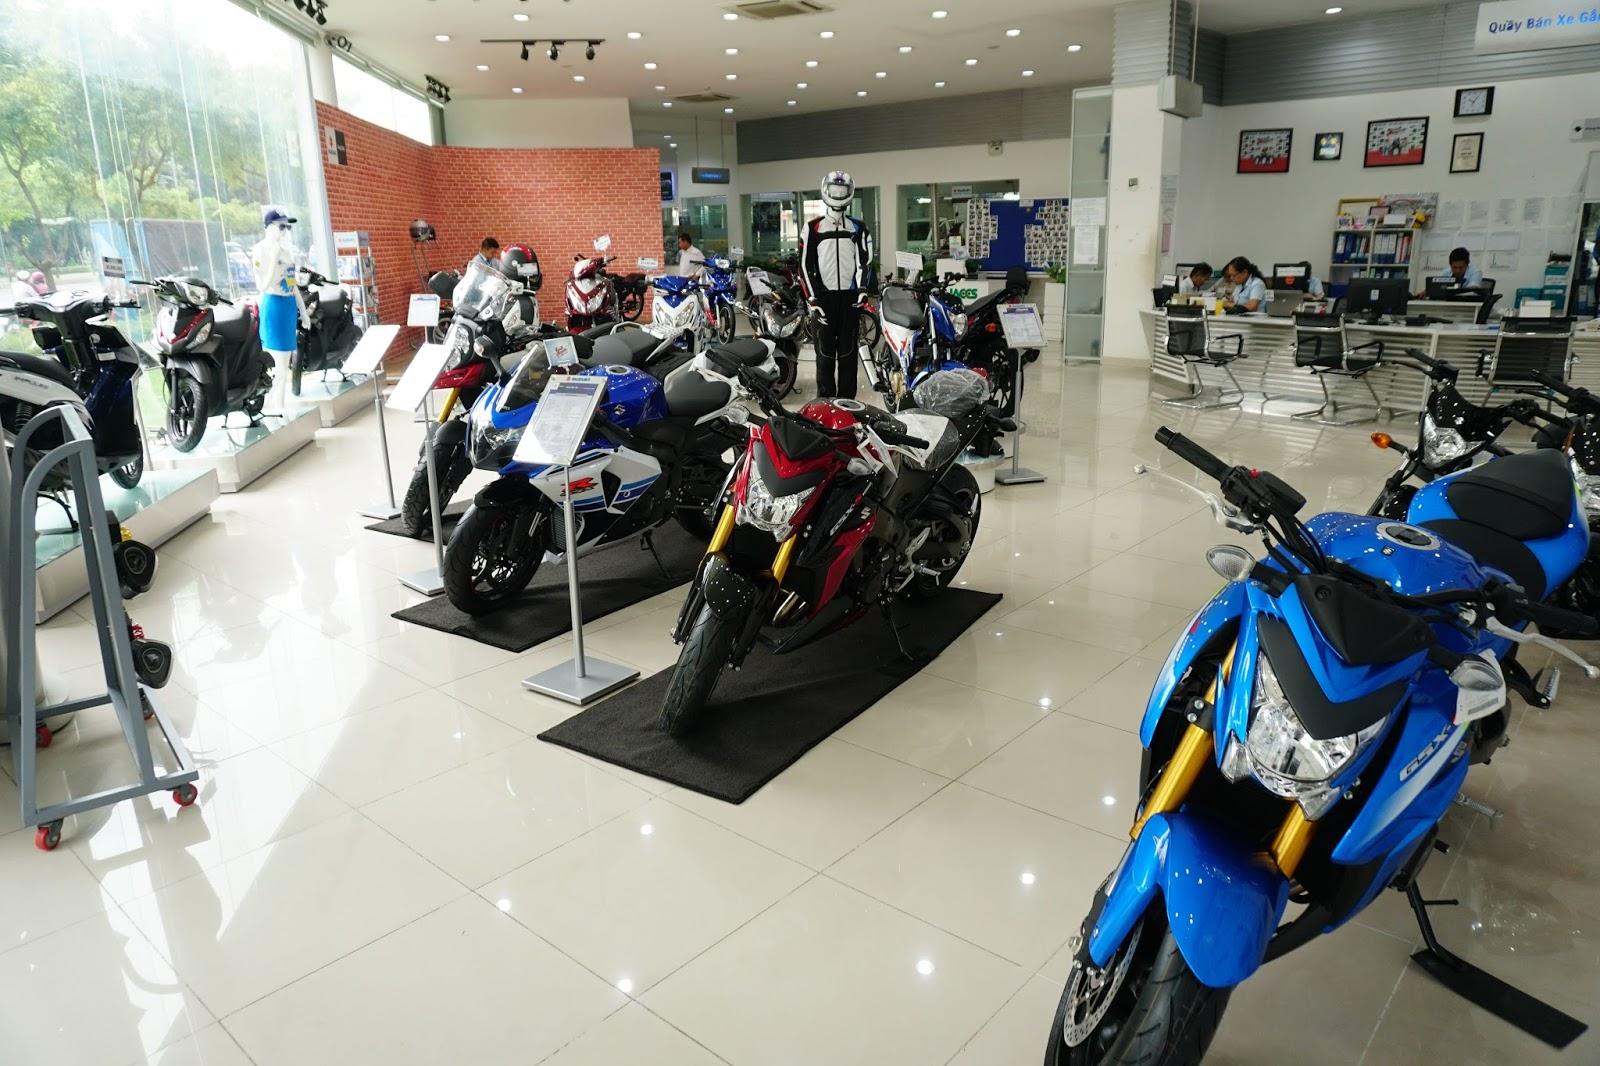 Khu vực để xe máy, mô tô của Suzuki...trong đó có những chiếc mô tô cực khủng